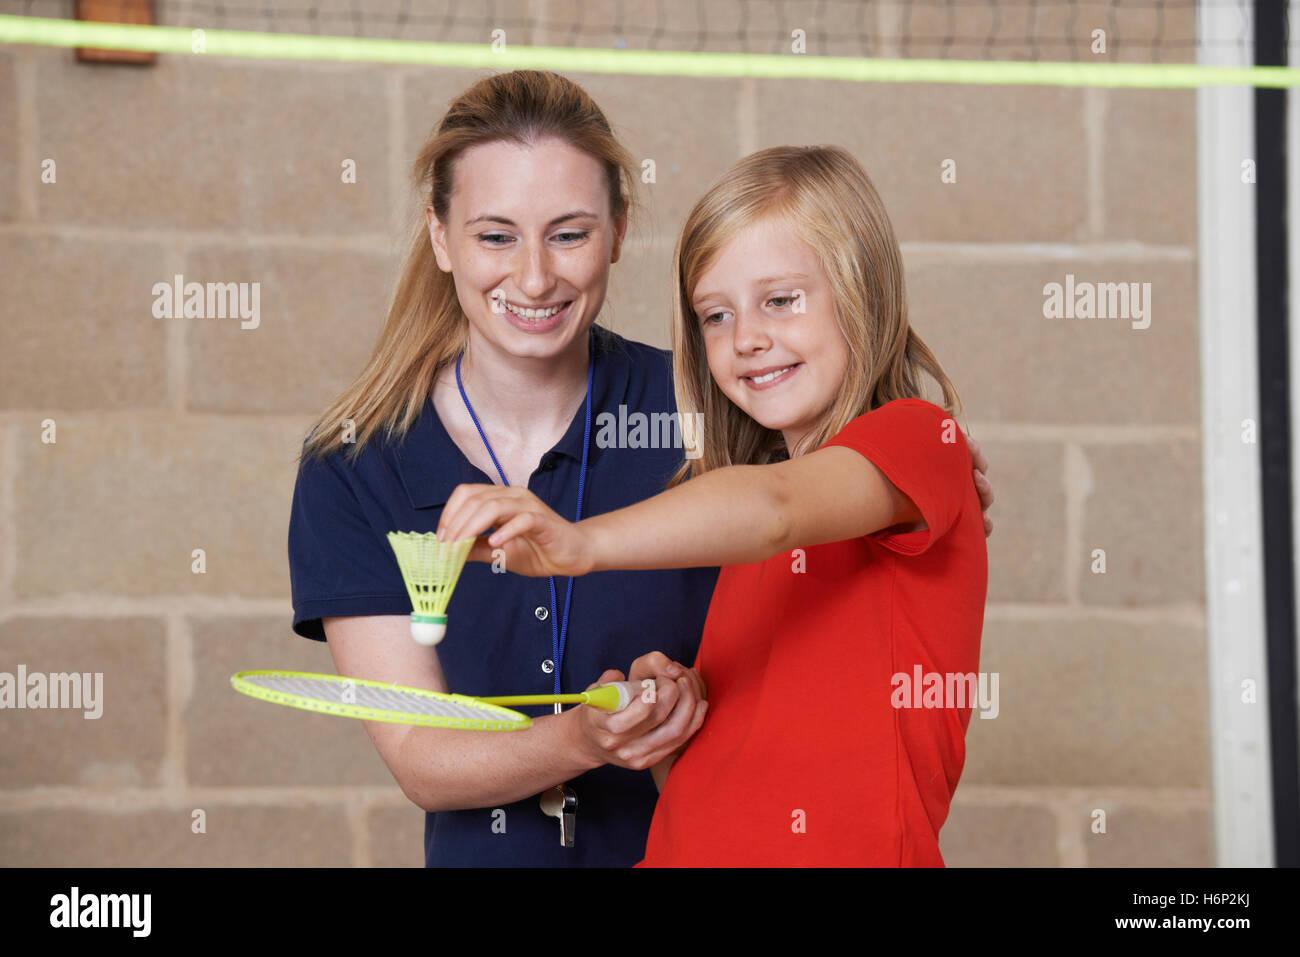 Docente dando pupilla femmina lezione di Badminton Immagini Stock